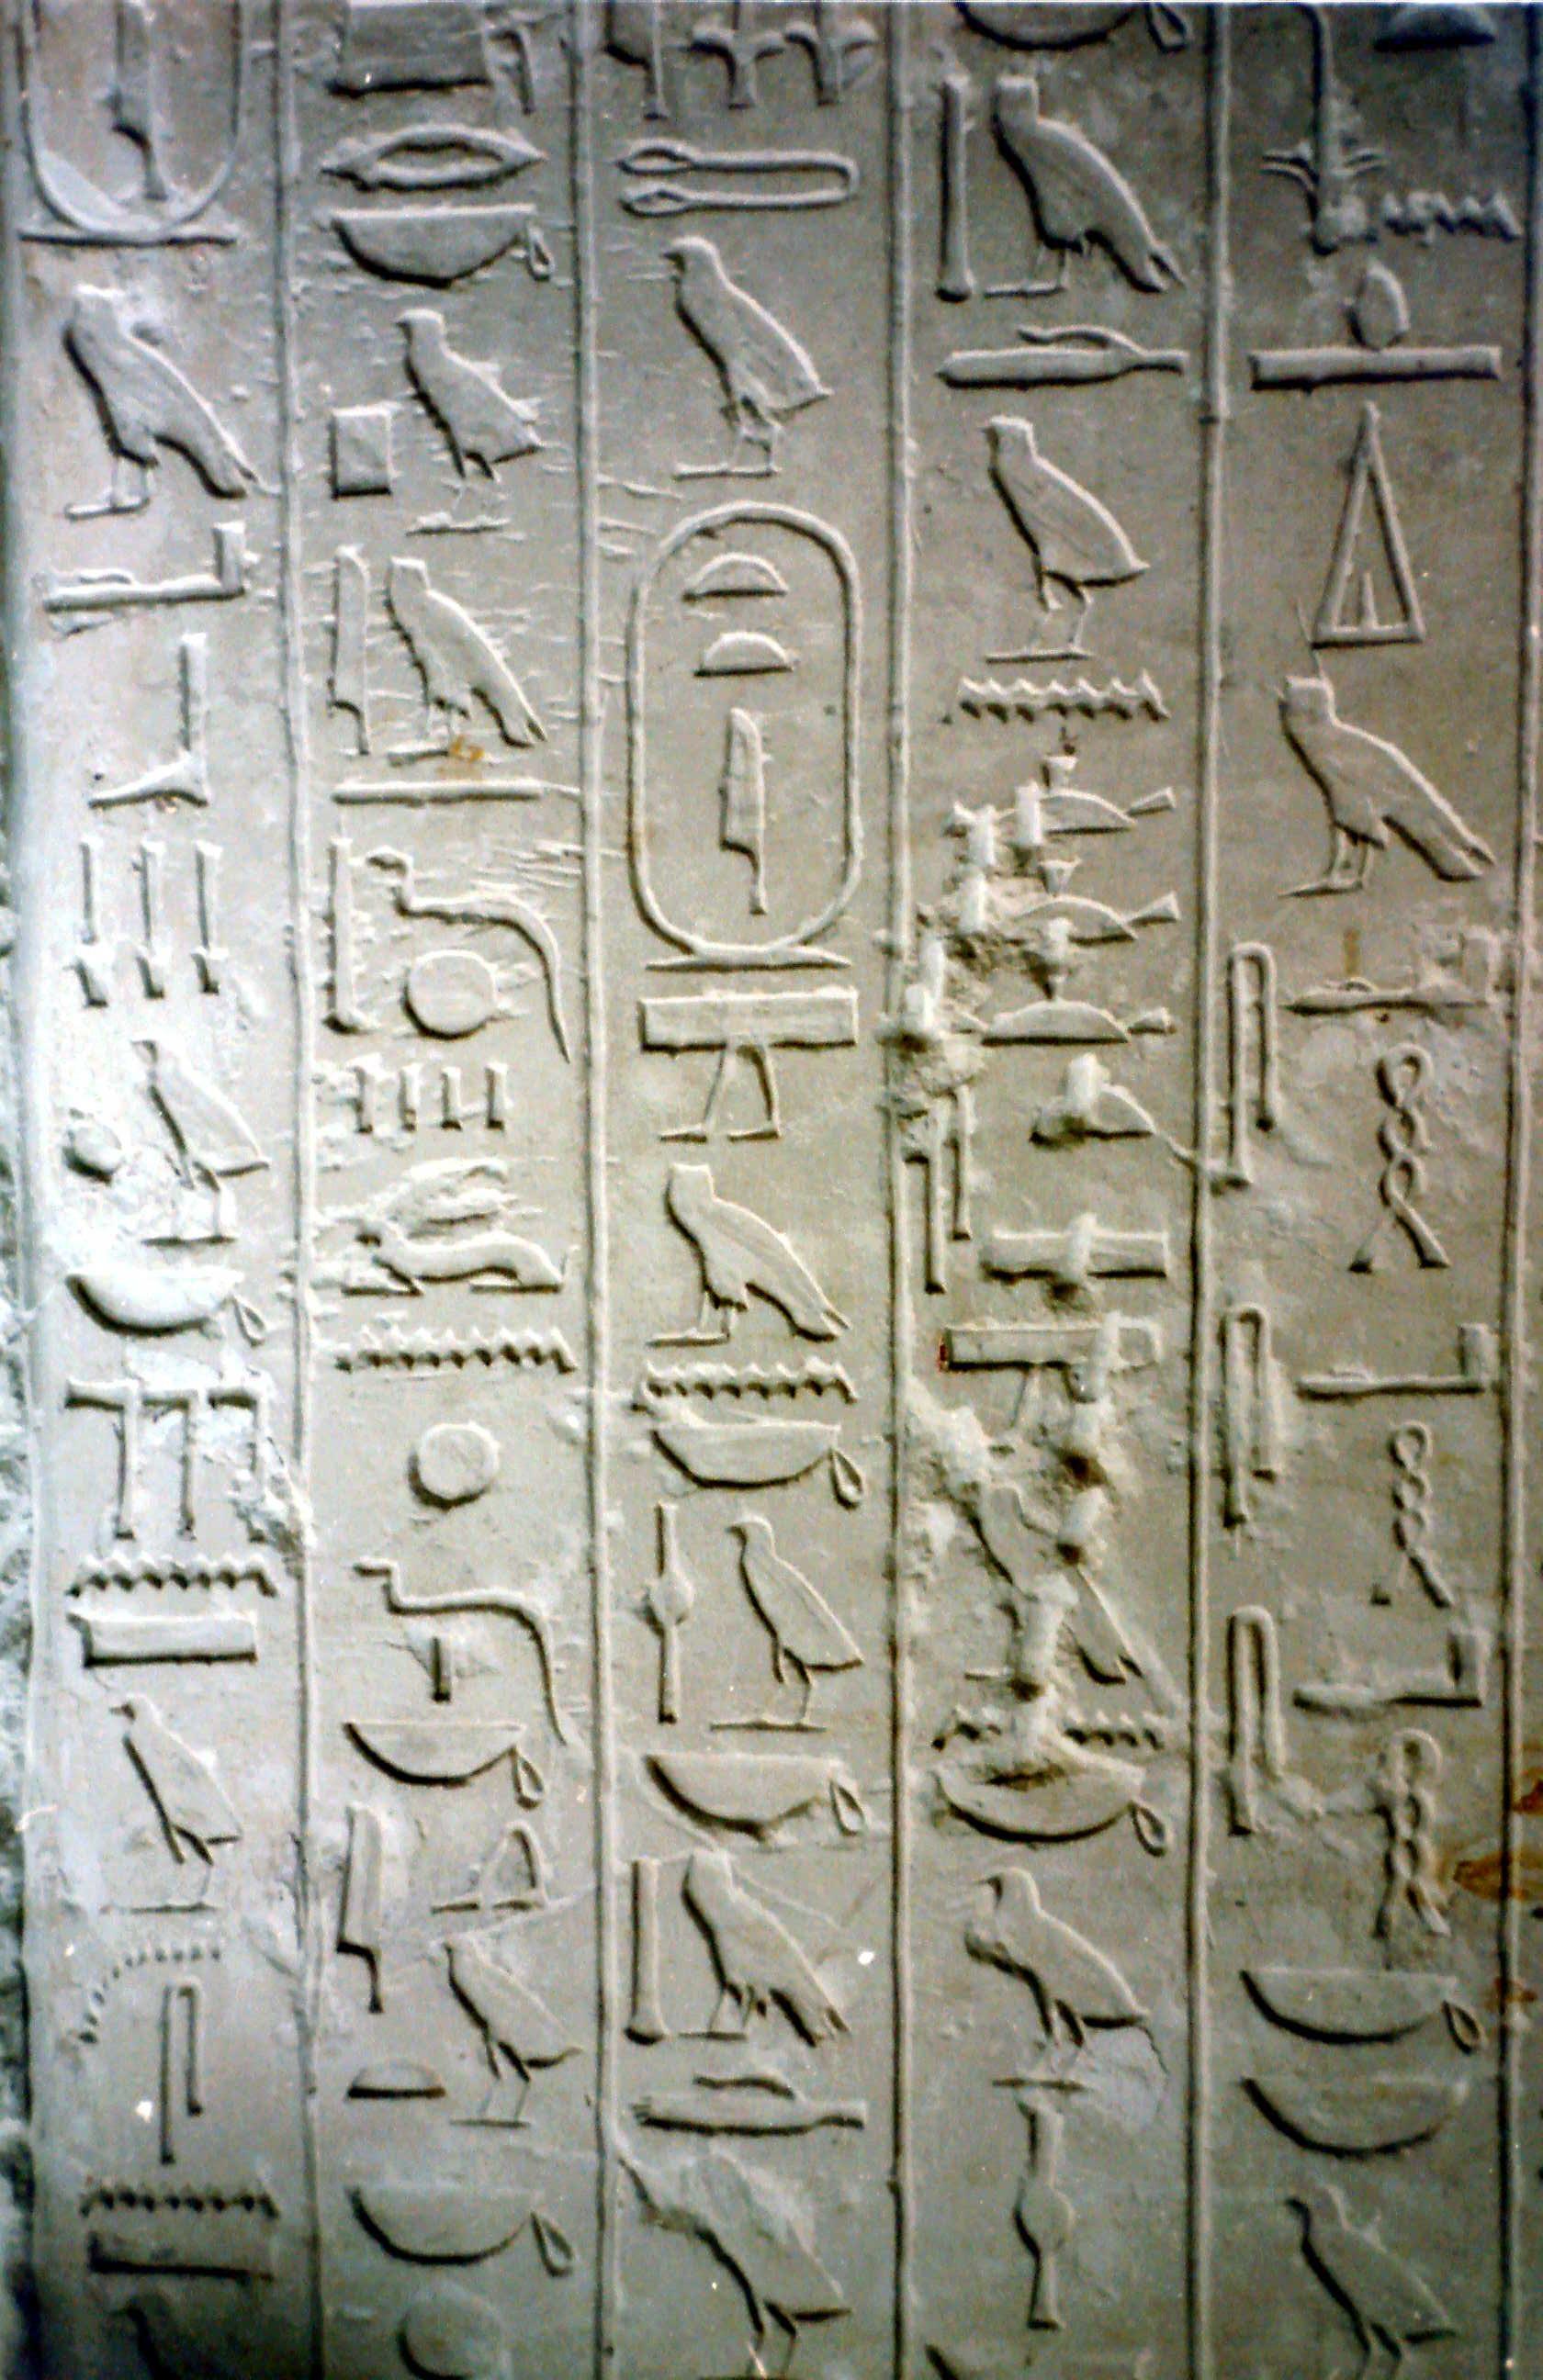 The Pyramid Text.